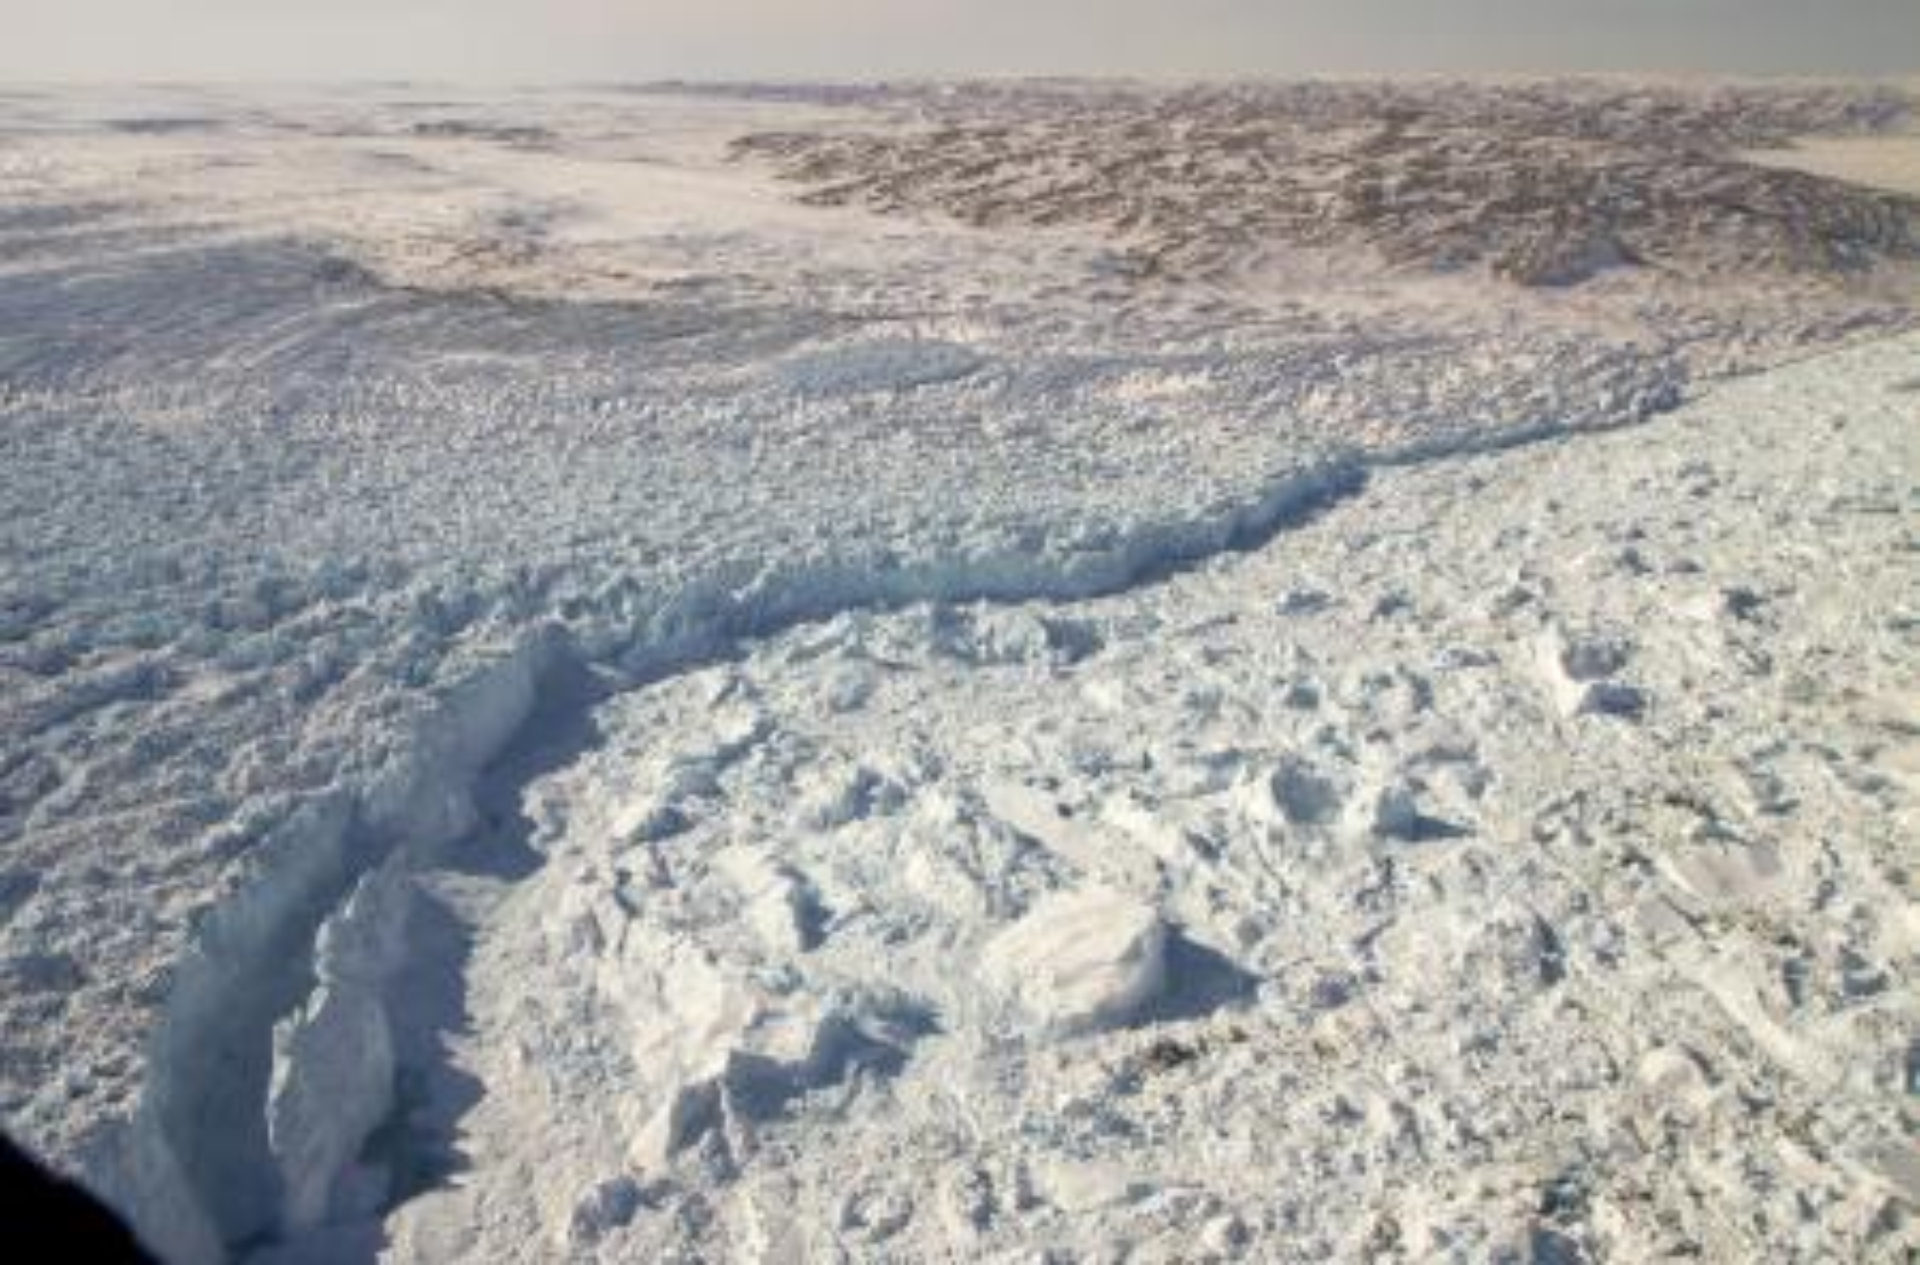 The Jakobshavn Glacier